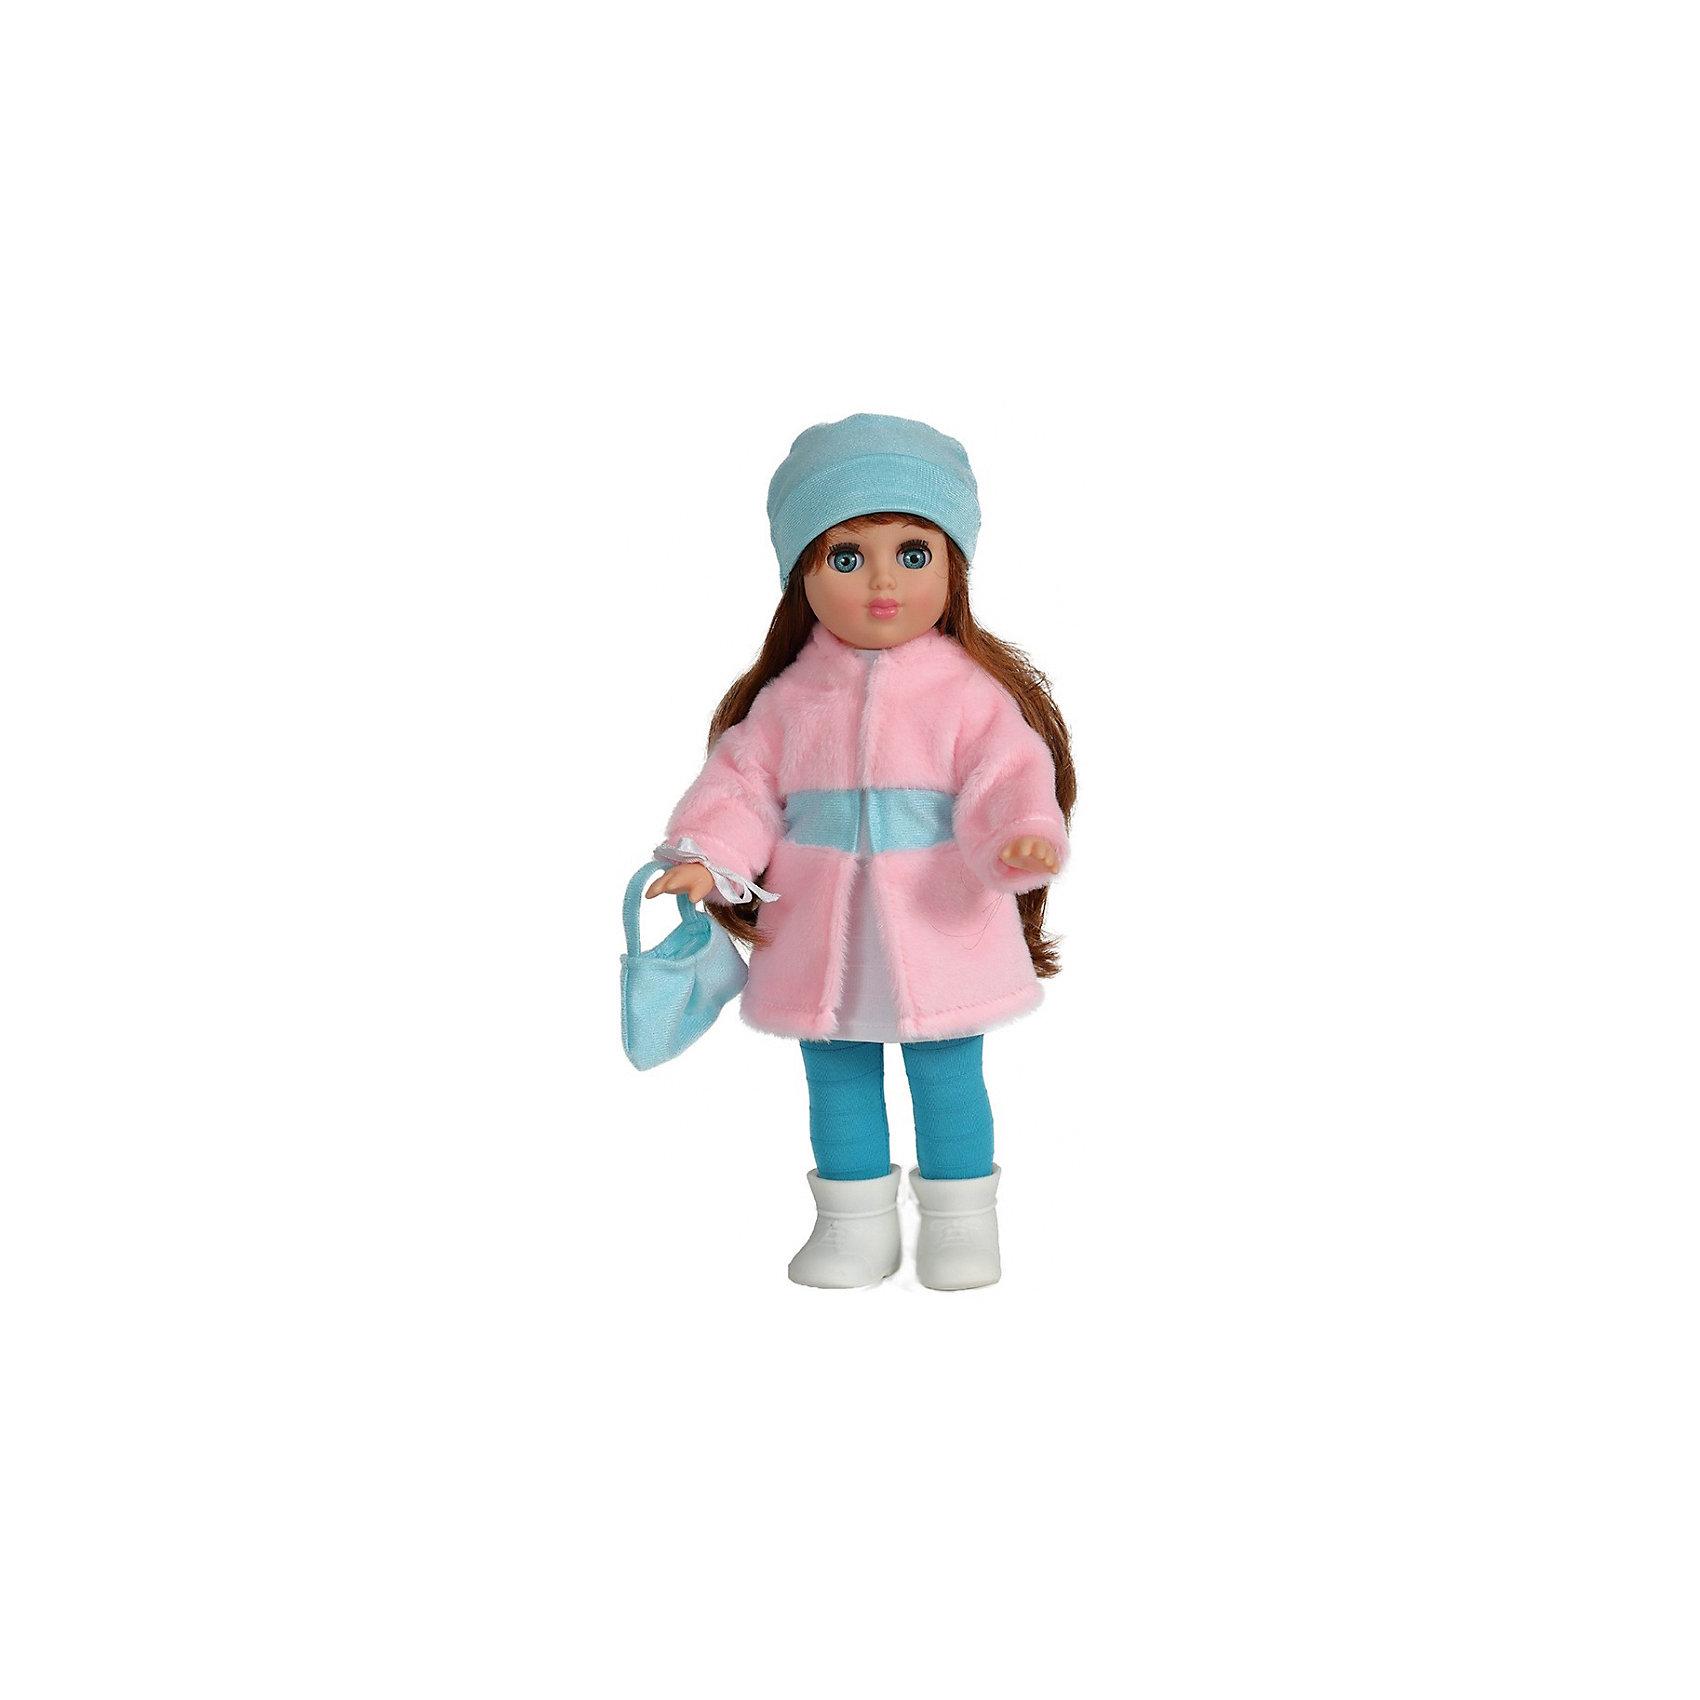 Кукла Алла 3, 35,5 см, Весна<br><br>Ширина мм: 170<br>Глубина мм: 100<br>Высота мм: 420<br>Вес г: 290<br>Возраст от месяцев: 36<br>Возраст до месяцев: 144<br>Пол: Женский<br>Возраст: Детский<br>SKU: 4896506